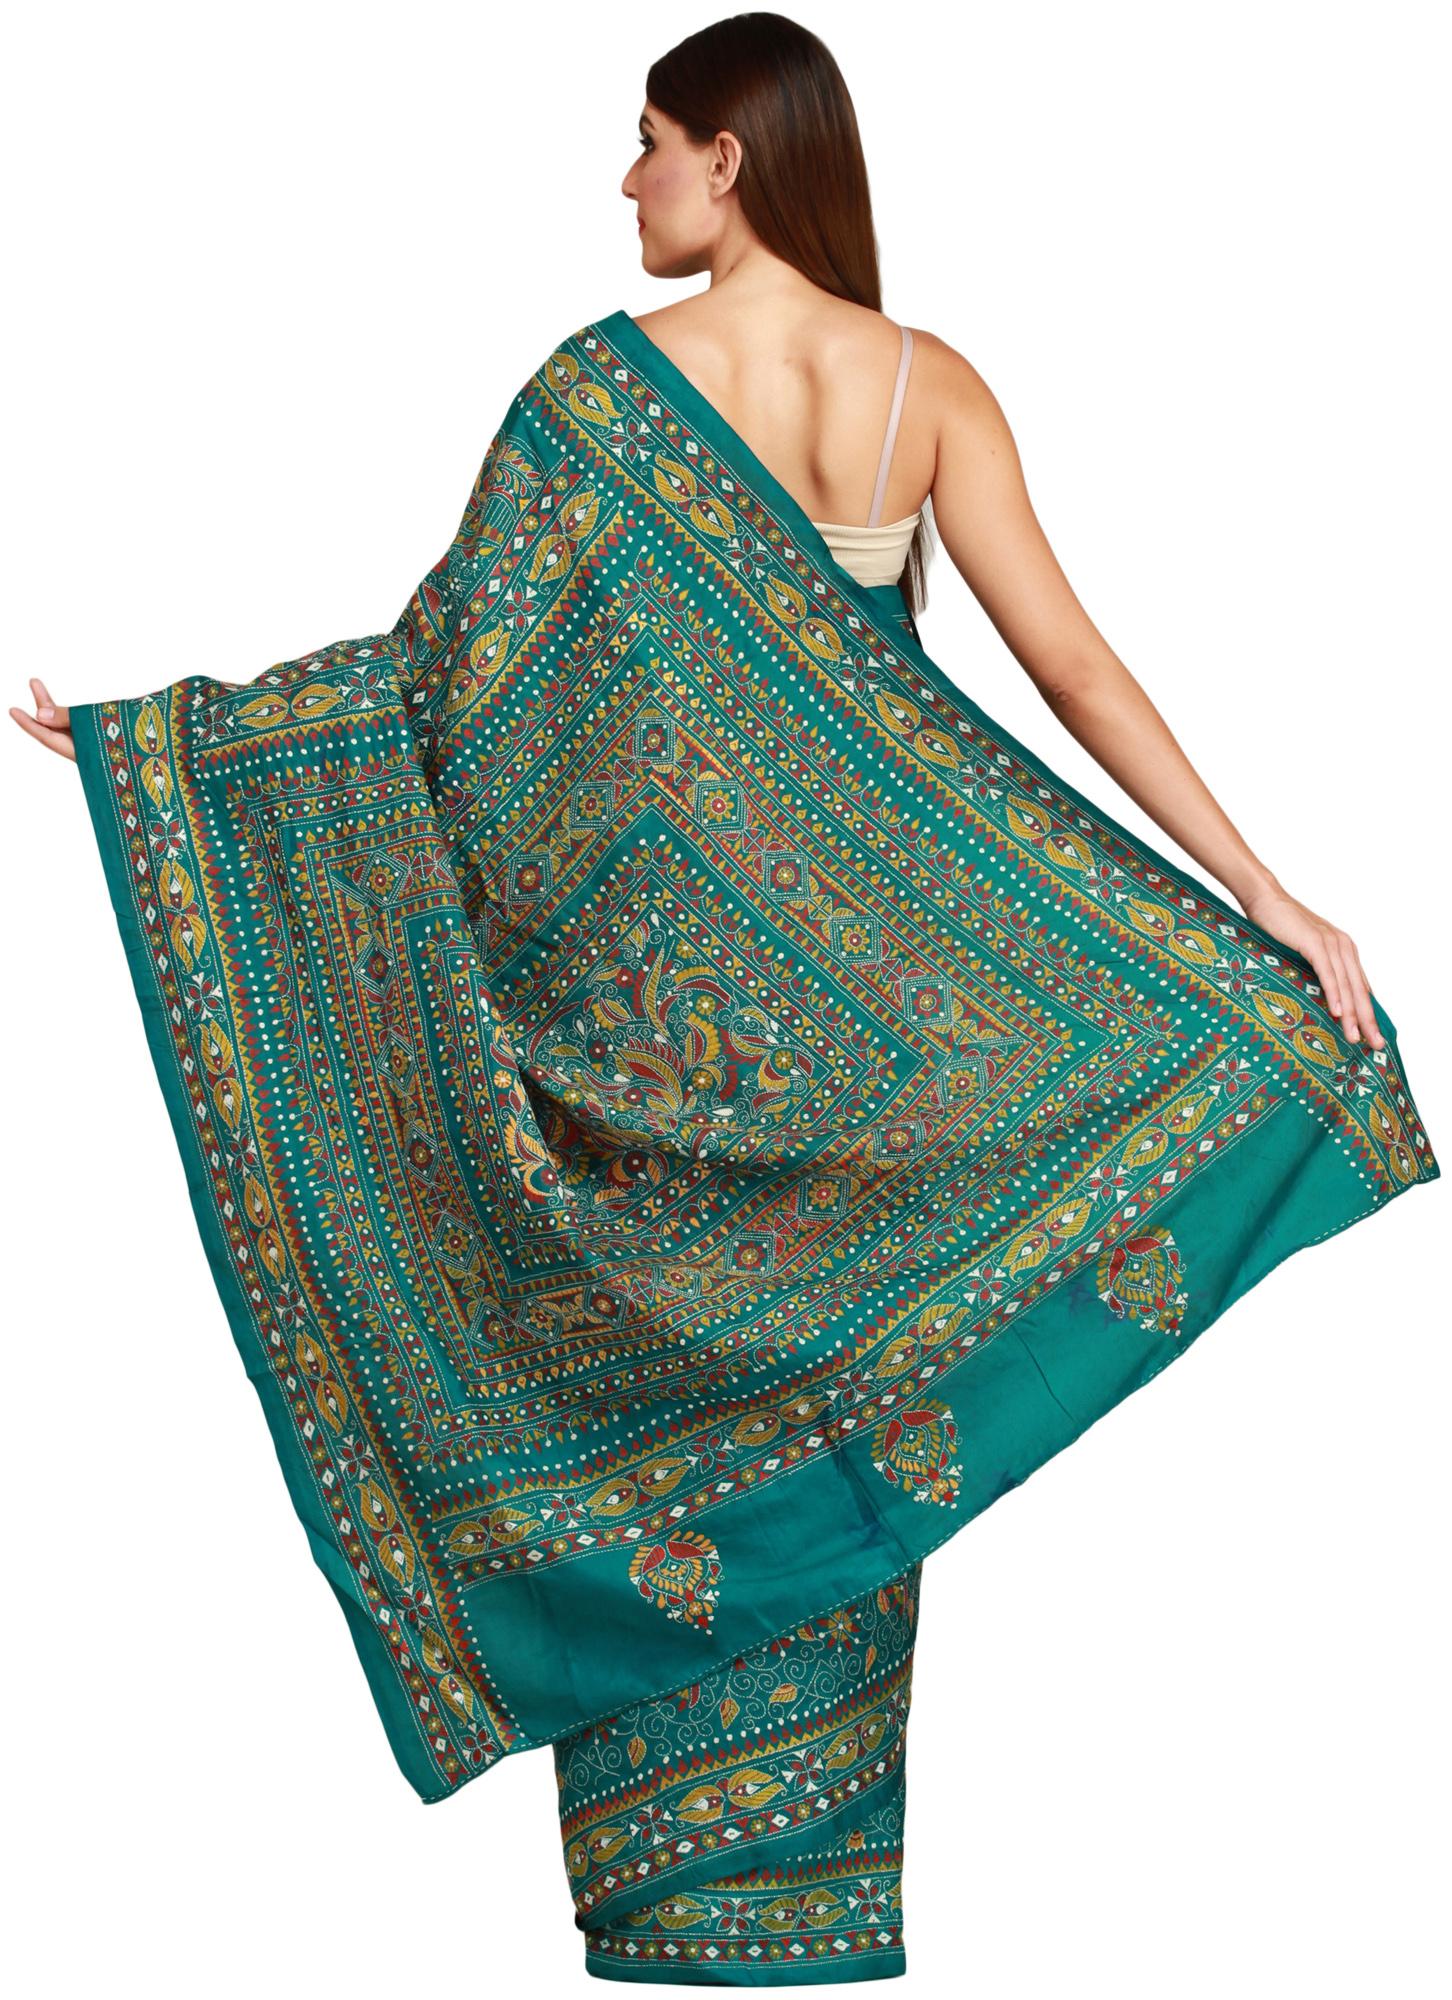 Parasailing green kantha sari from kolkata with dense